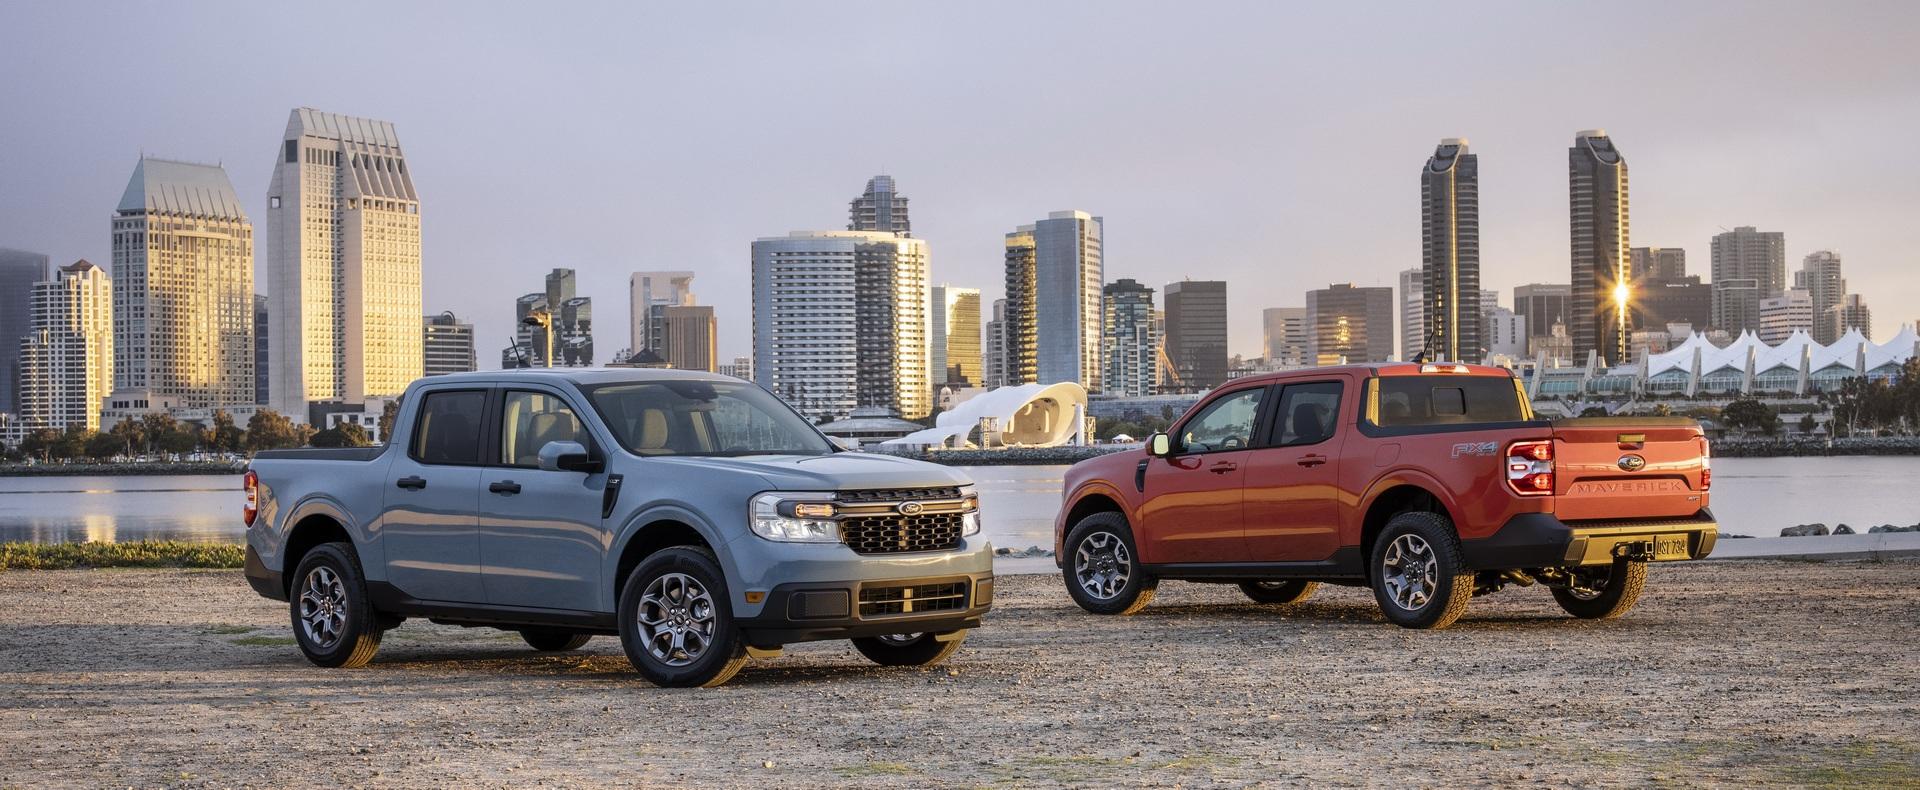 Ford ra mắt mẫu xe bán tải Maverick nhỏ hơn Ranger - 45